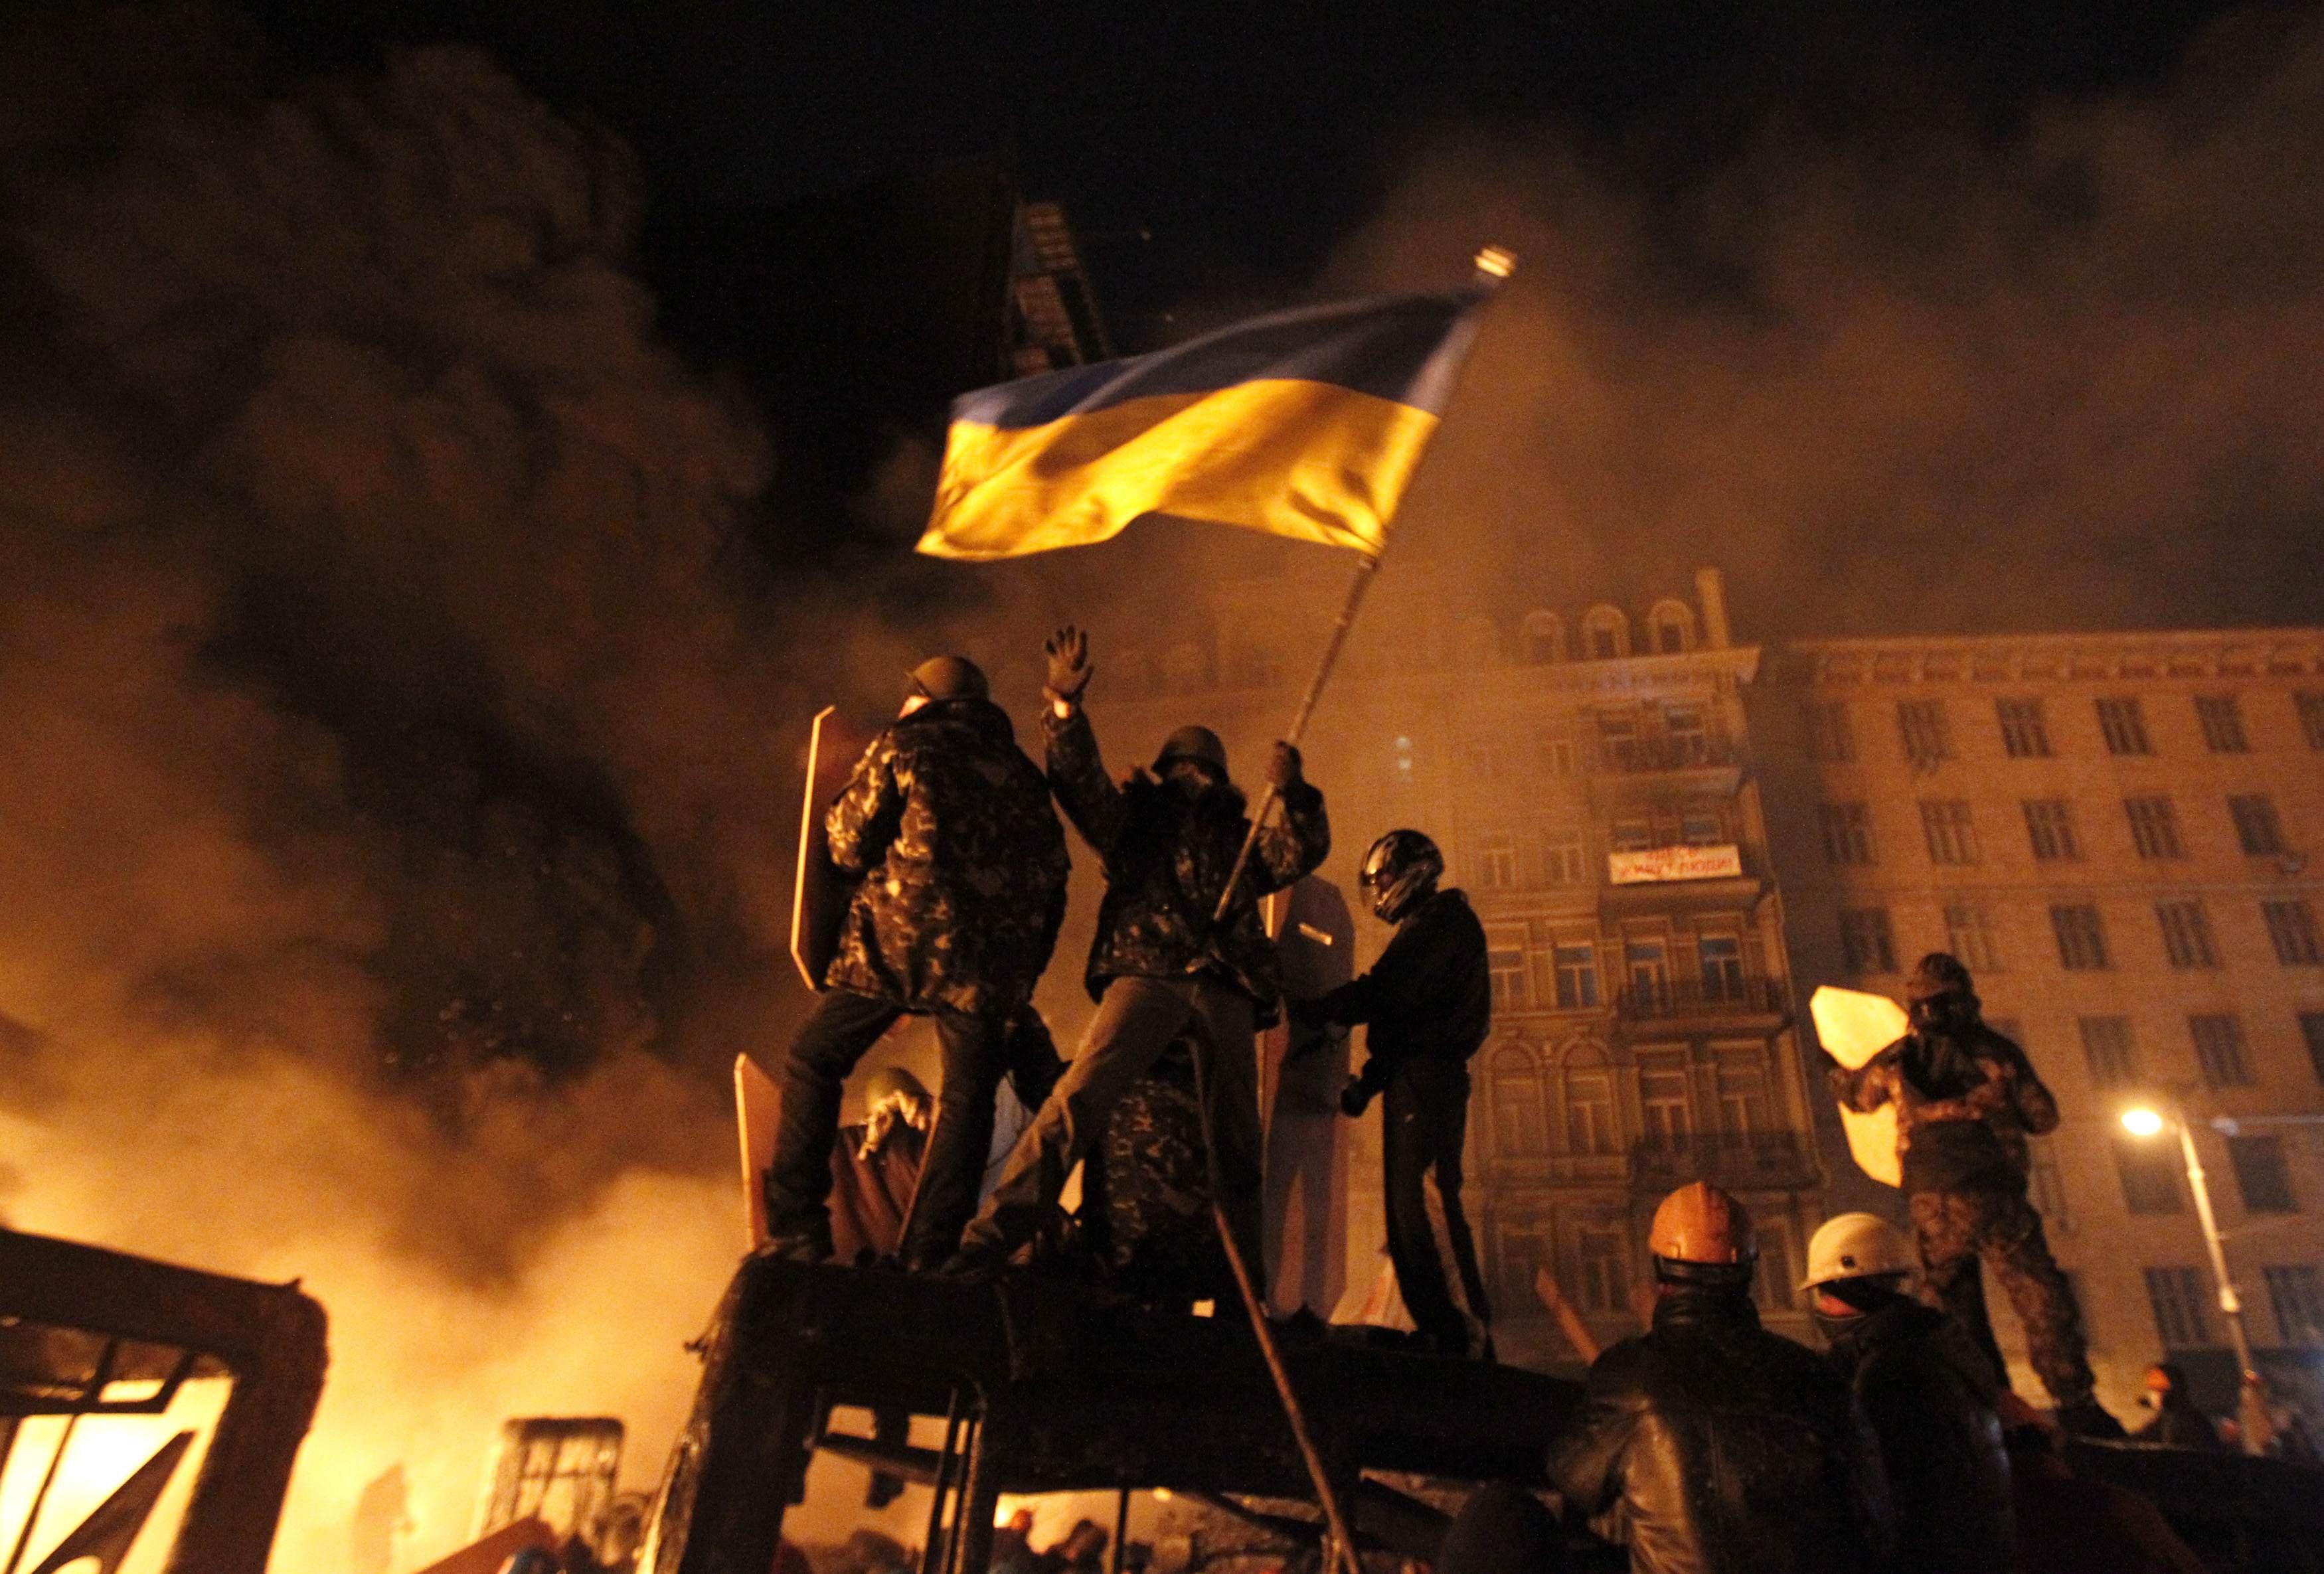 Критическая ситуация в Украине: экс-глава внешней разведки указал на возможность третьего Майдана